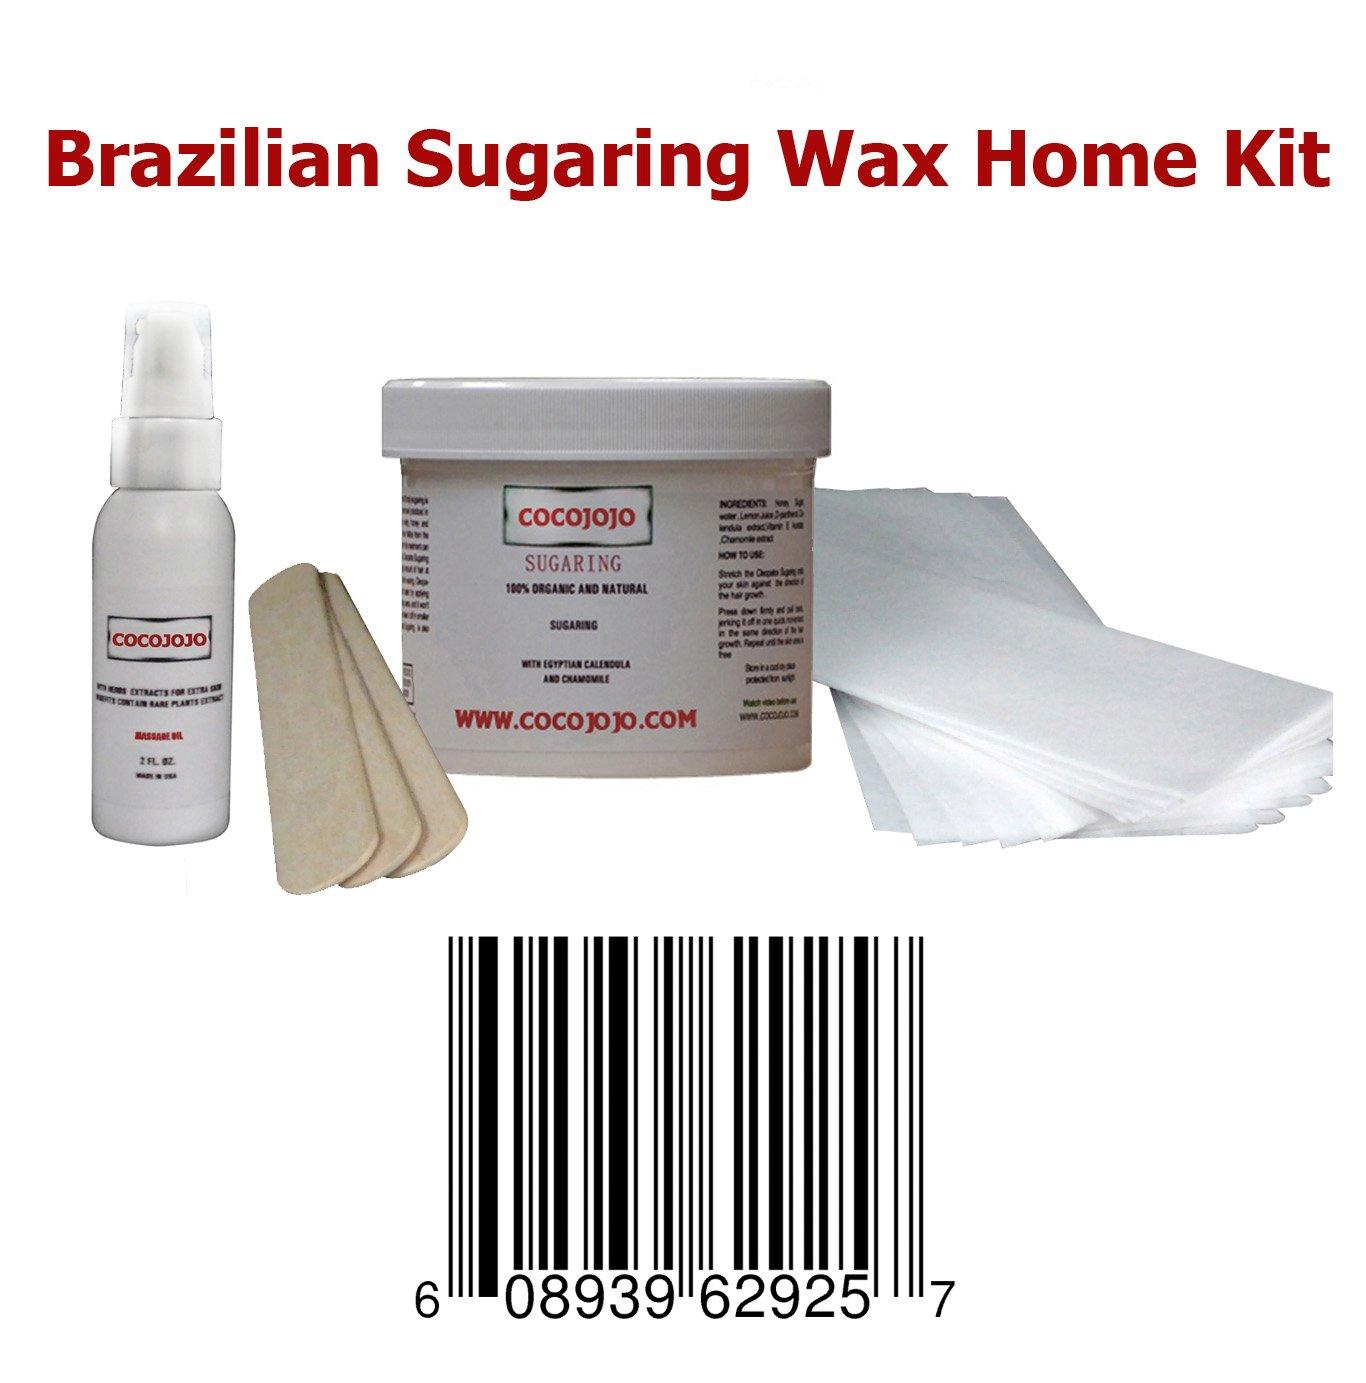 8 Oz Cocojojo Sugaring Brazilian Sugaring Wax Kit - Sugaring Hair Removal - 8 Oz Sugar Wax - 2 Oz After Sugaring Toner - 6 Strips - 2 Wooden Spatulas for Bikini Waxing Hair Removal by cocojojo sug br 8